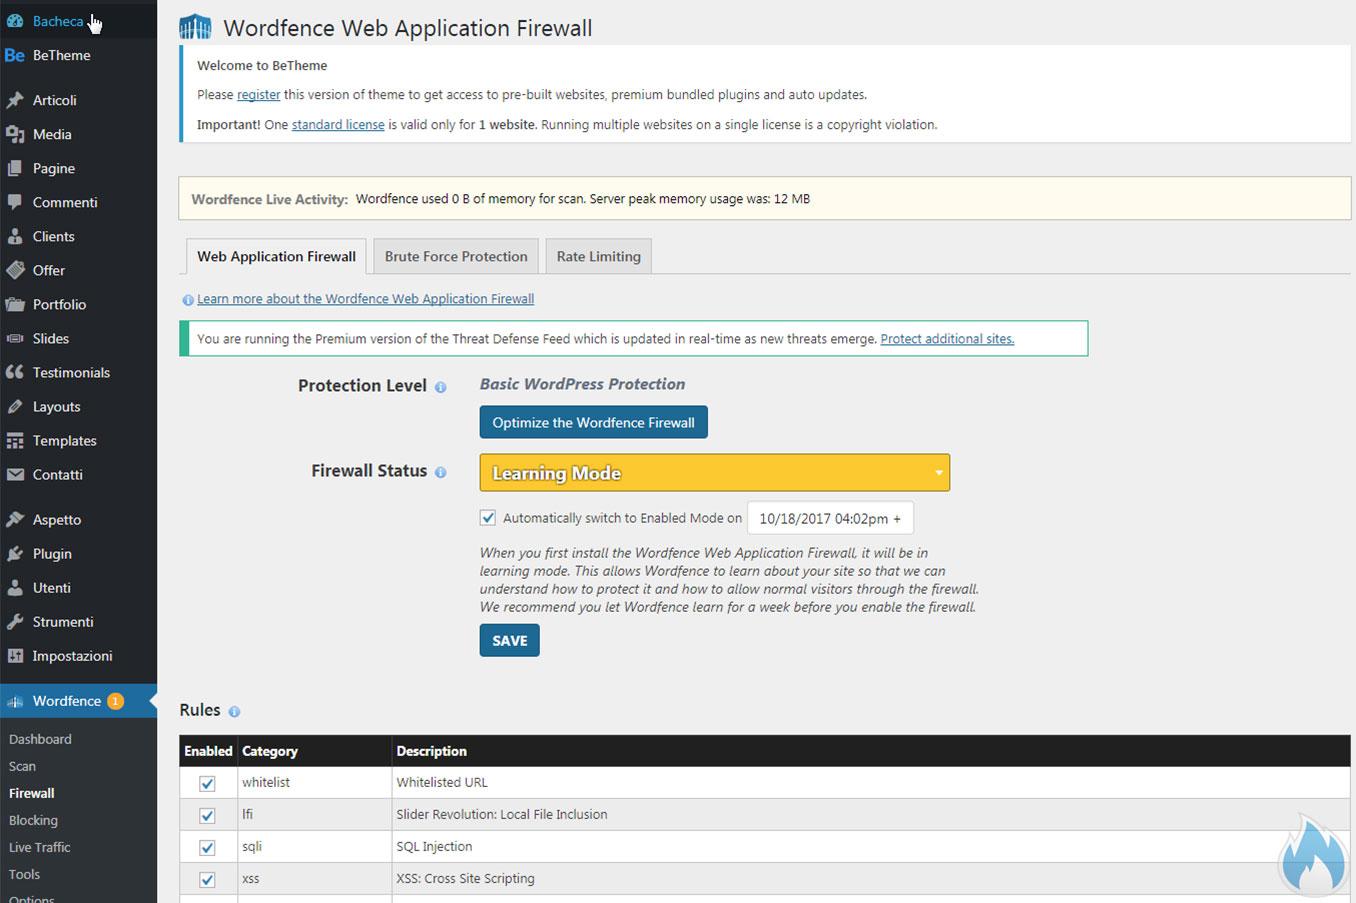 Il Firewall di Wordfence